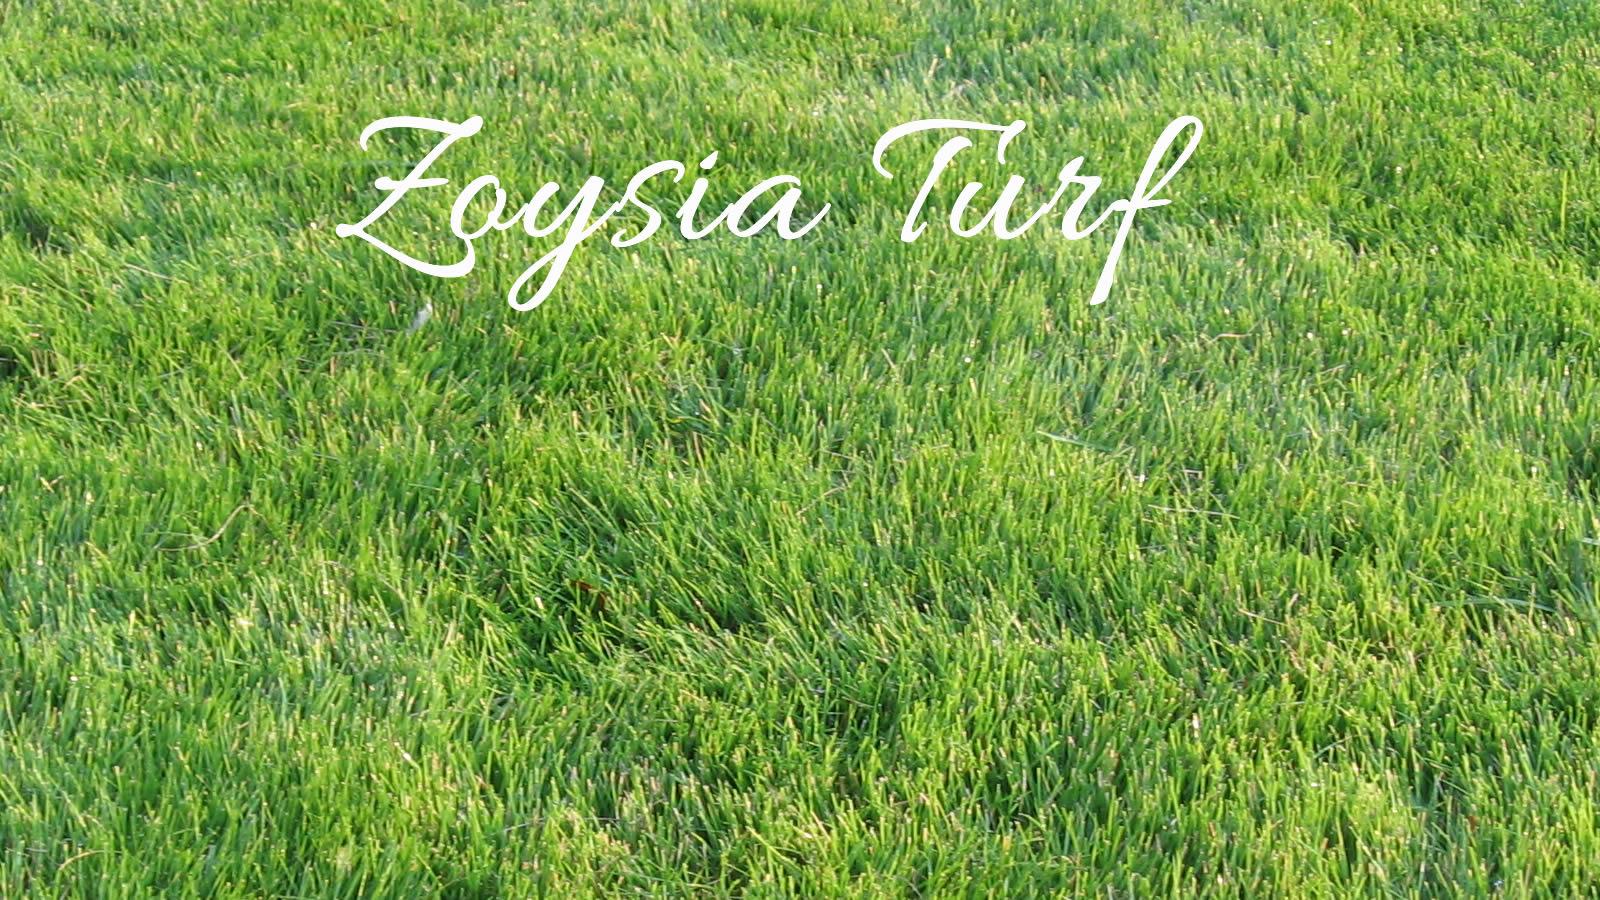 Zoysia Turf